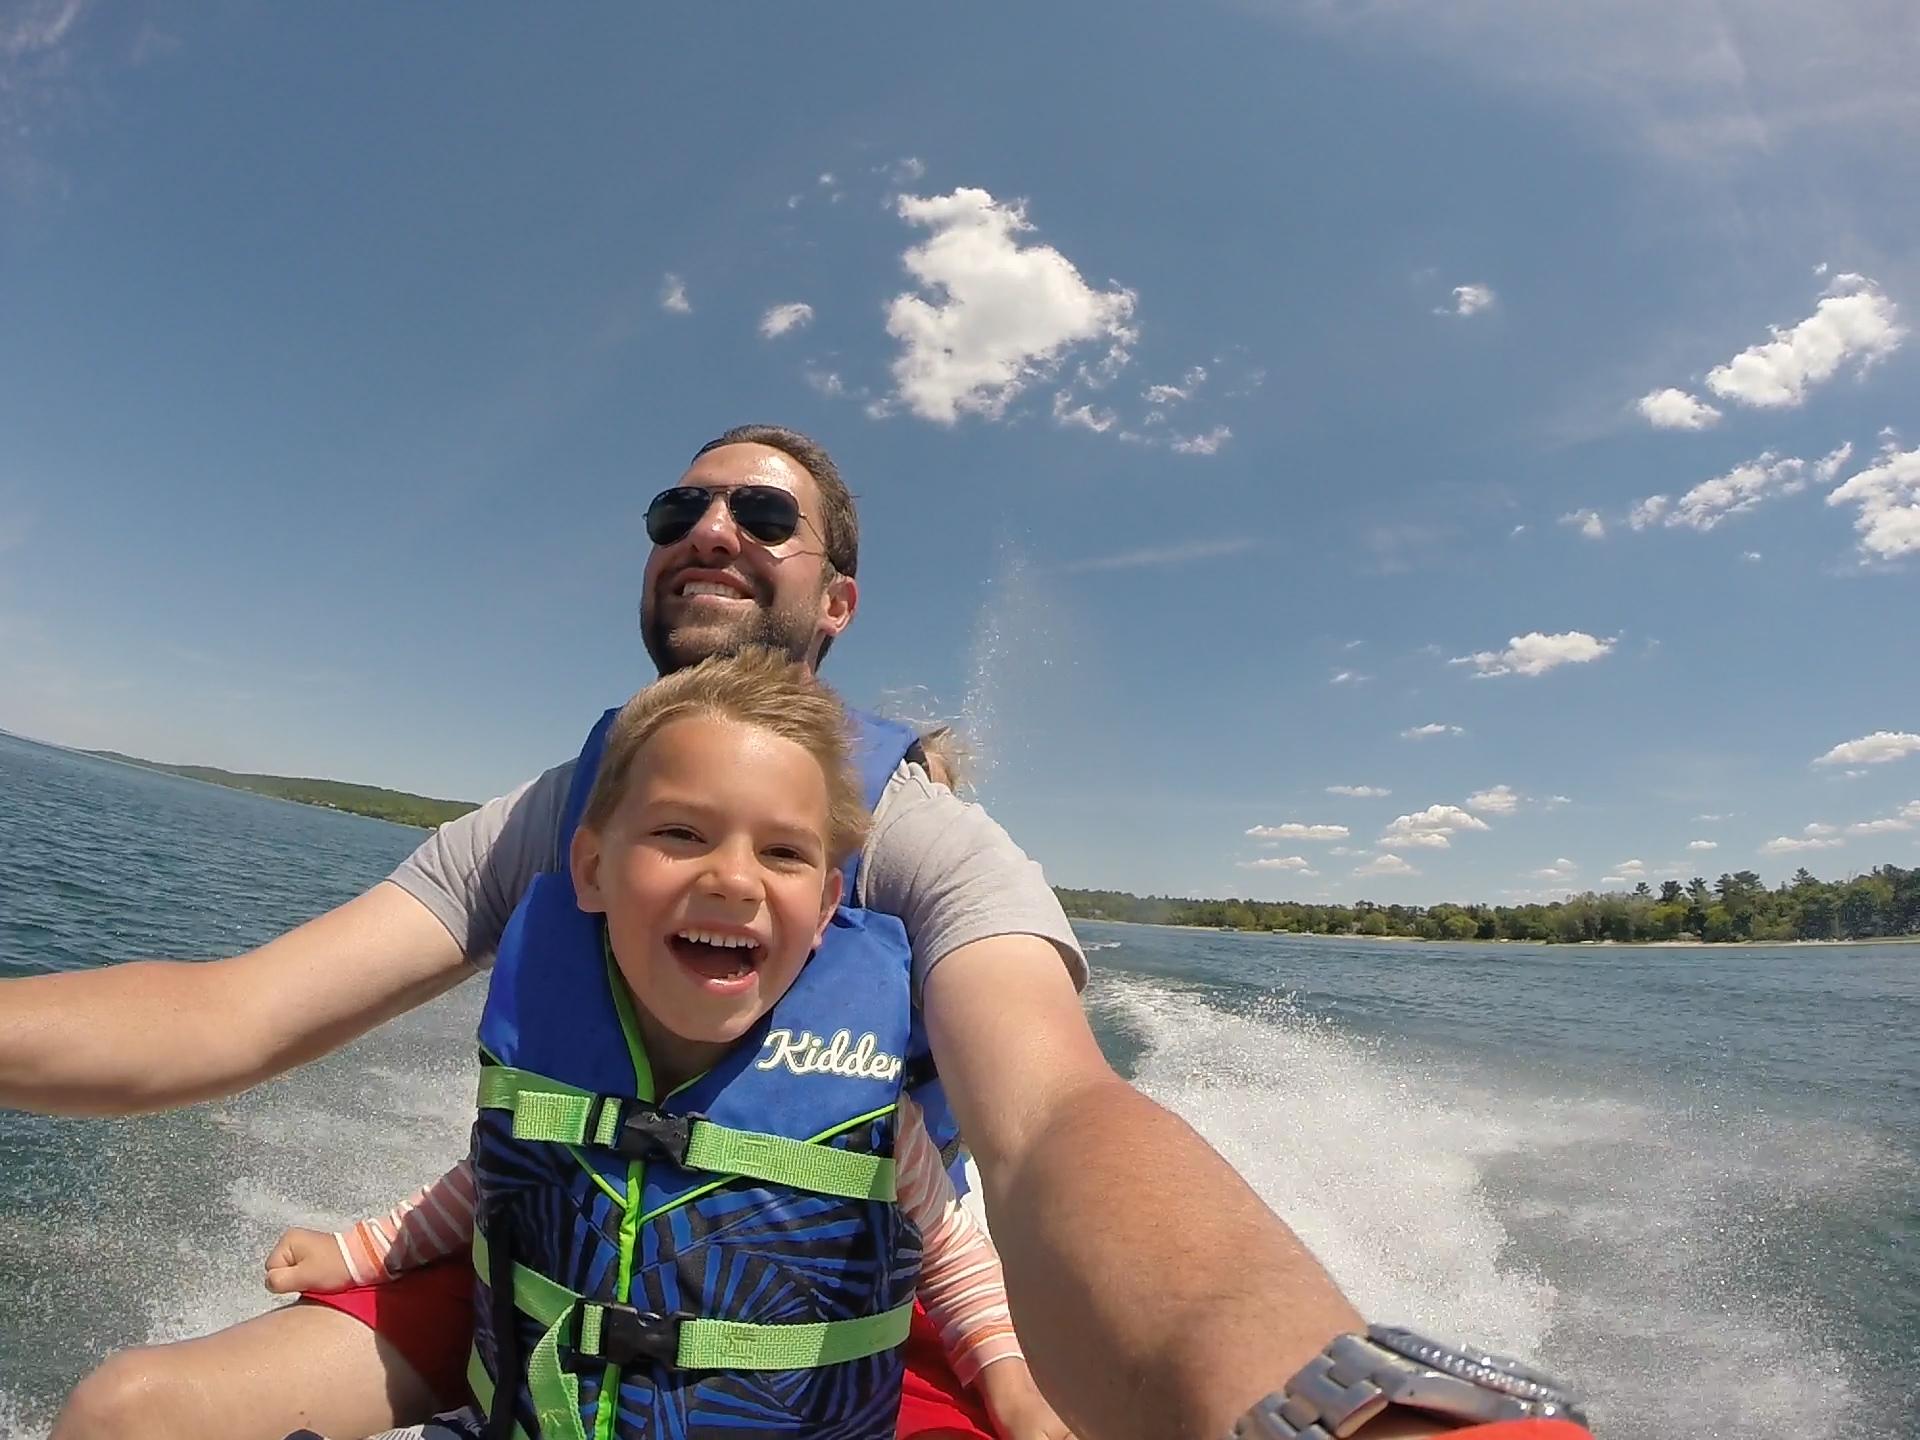 Sunny pontoon ride on Lake Leelanau